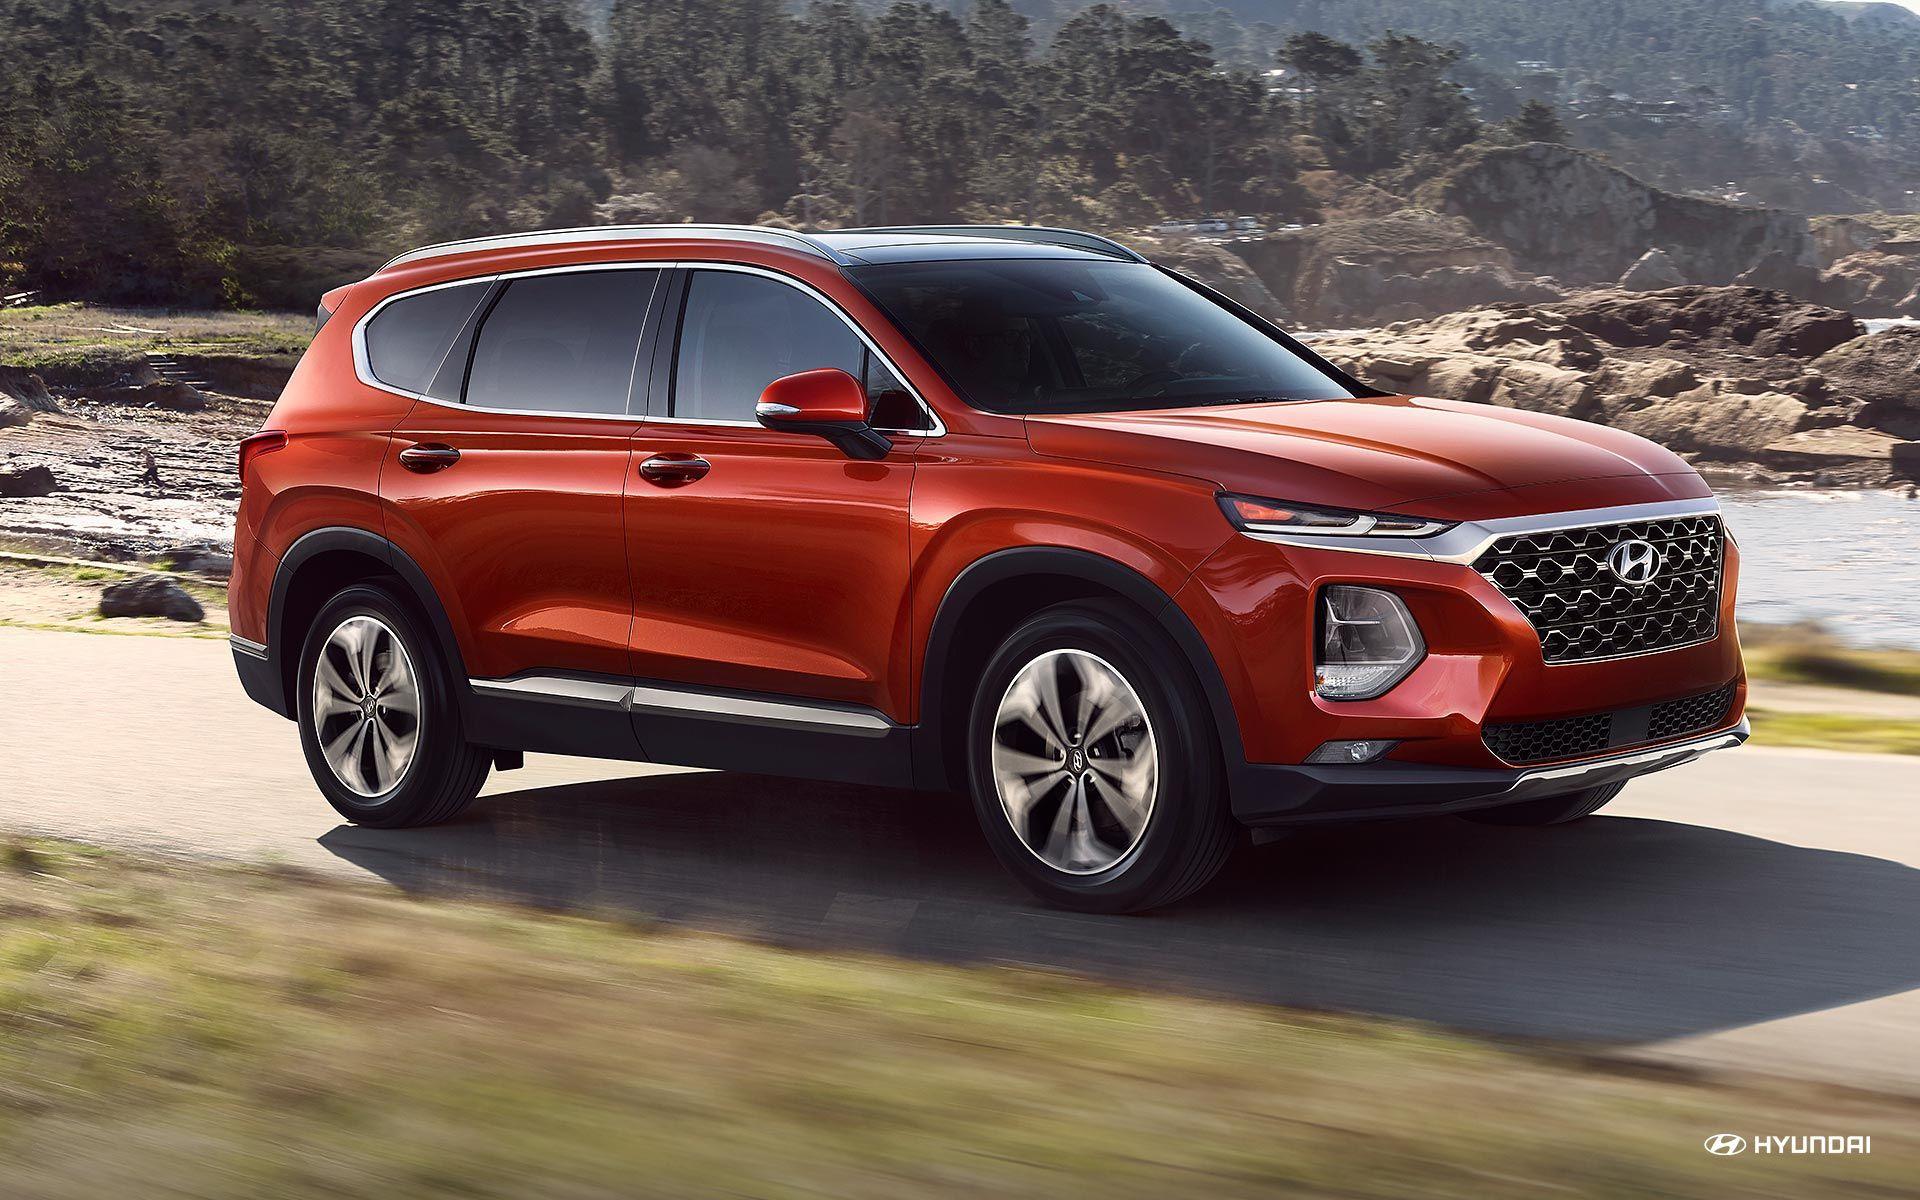 2019 Hyundai Santa Fe Side View Hyundai Santa Fe Hyundai Santa Fe Price Hyundai